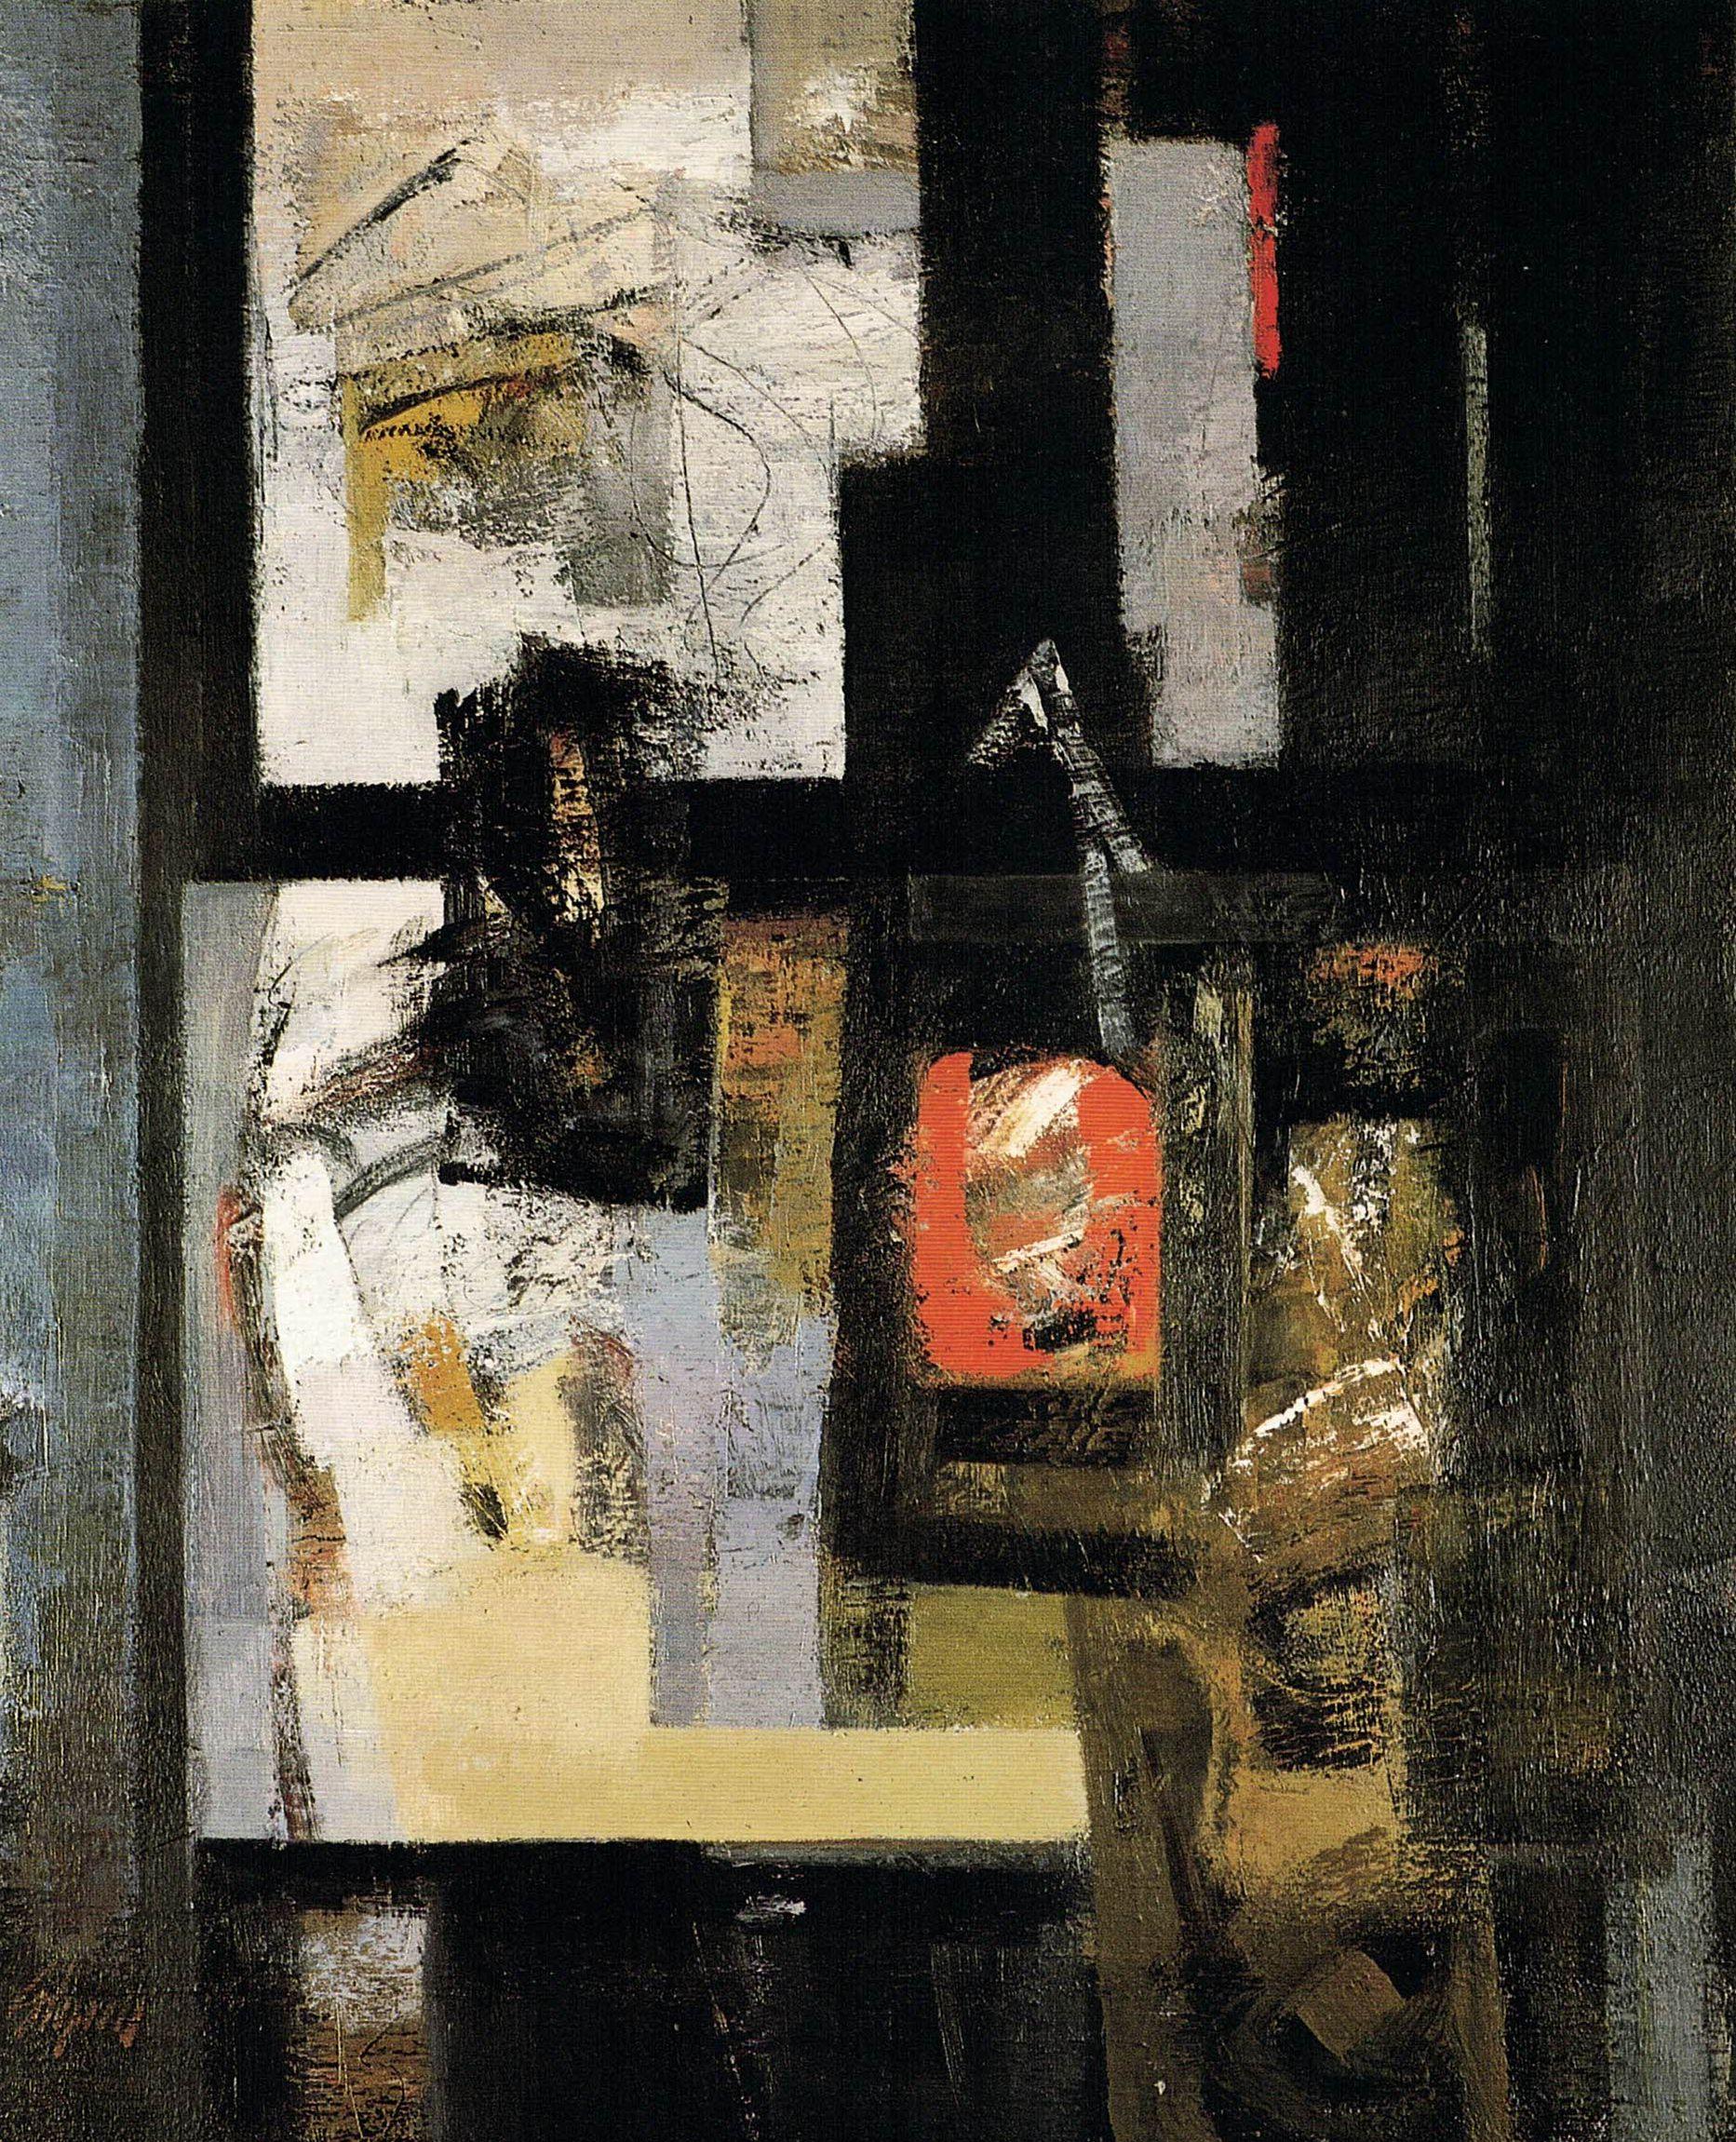 Francisco G. Lagares - La fuerza del contraste